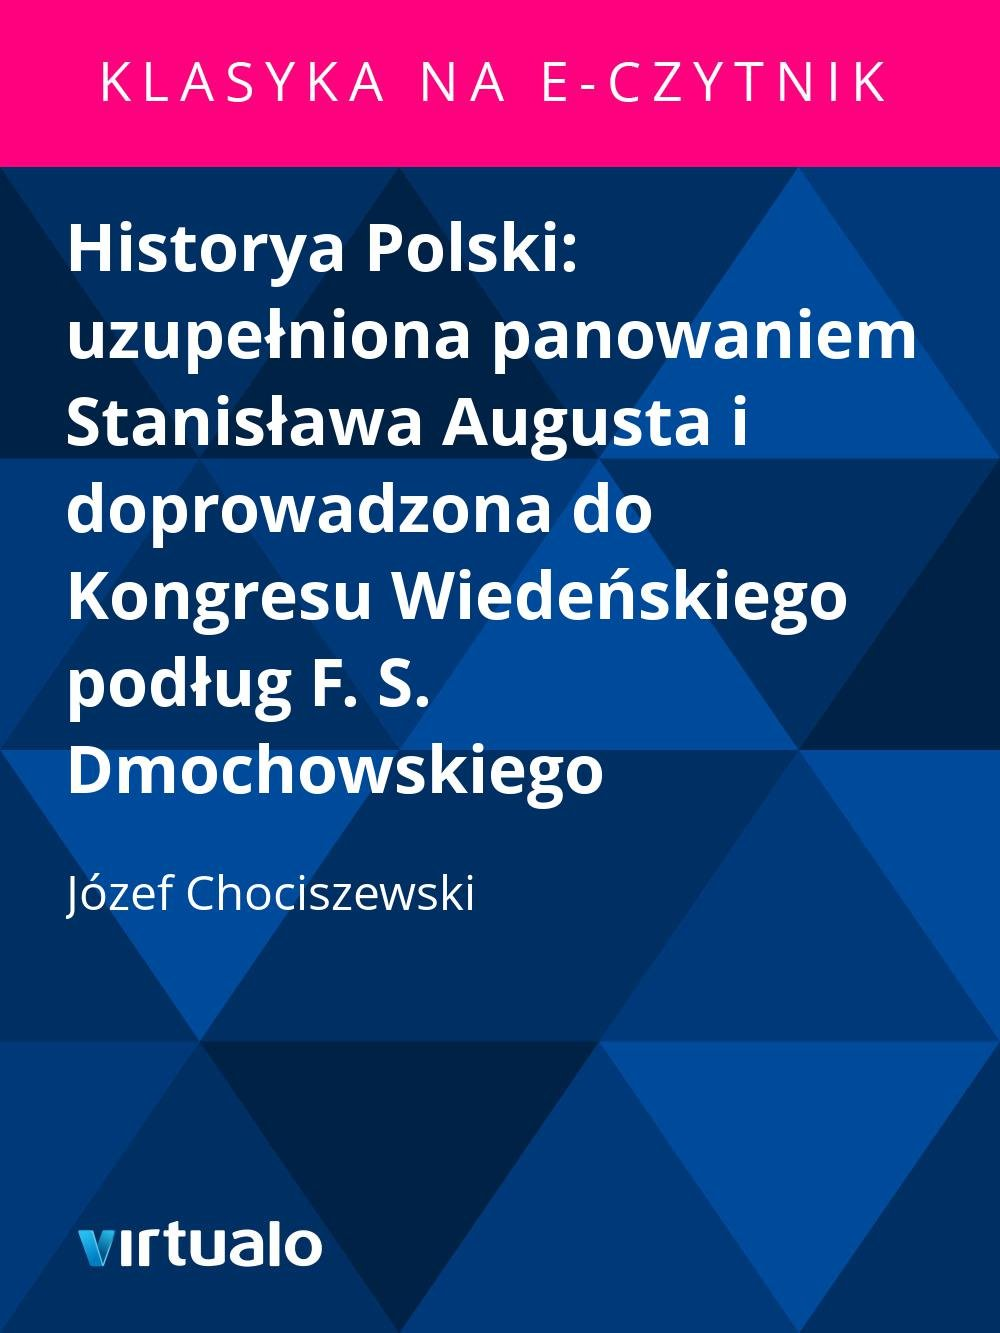 Historya Polski: uzupełniona panowaniem Stanisława Augusta i doprowadzona do Kongresu Wiedeńskiego podług F. S. Dmochowskiego - Ebook (Książka EPUB) do pobrania w formacie EPUB